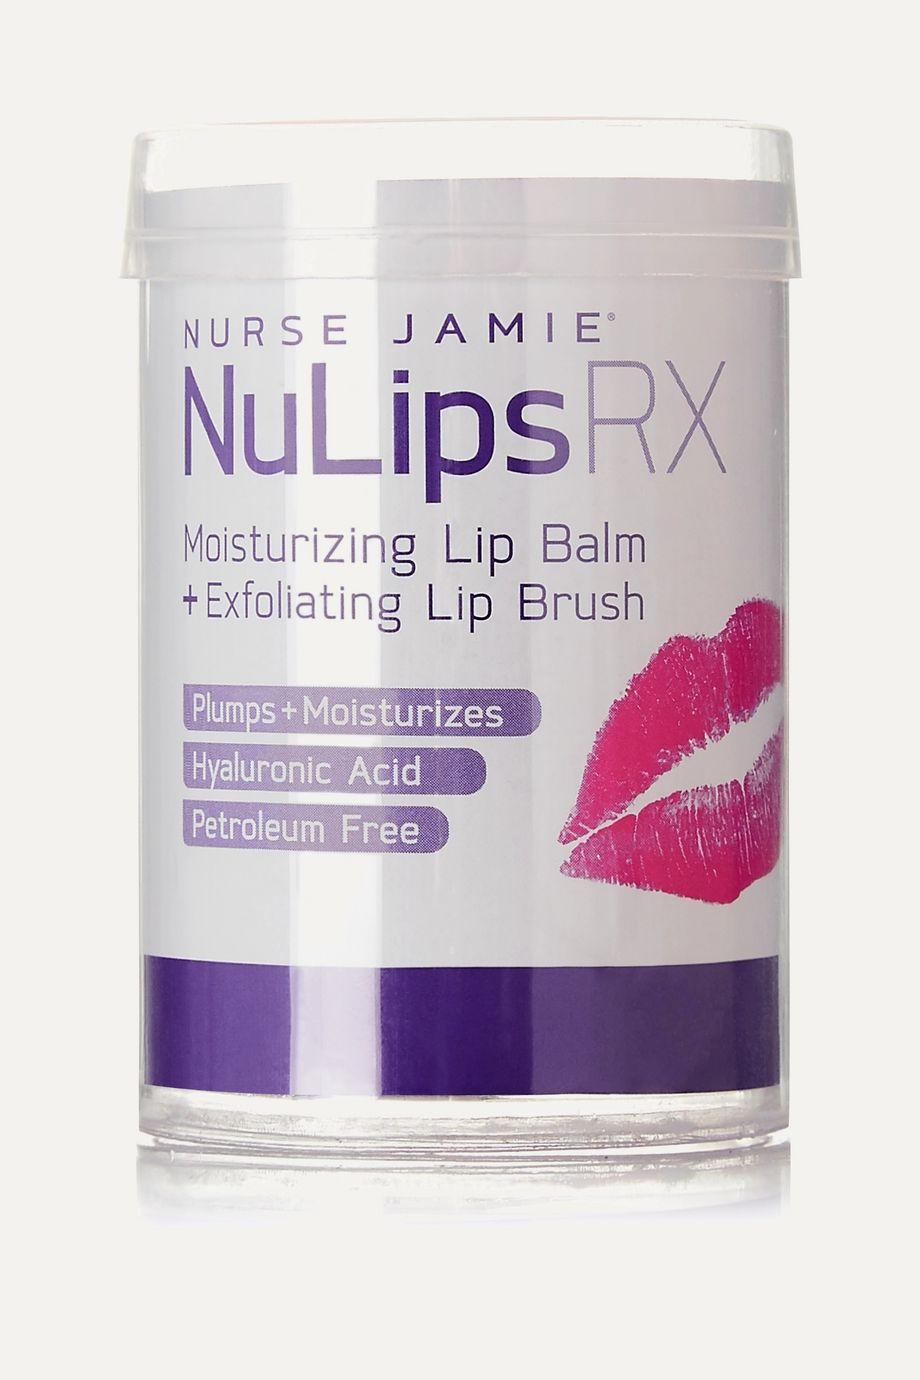 Nurse Jamie 护唇套装